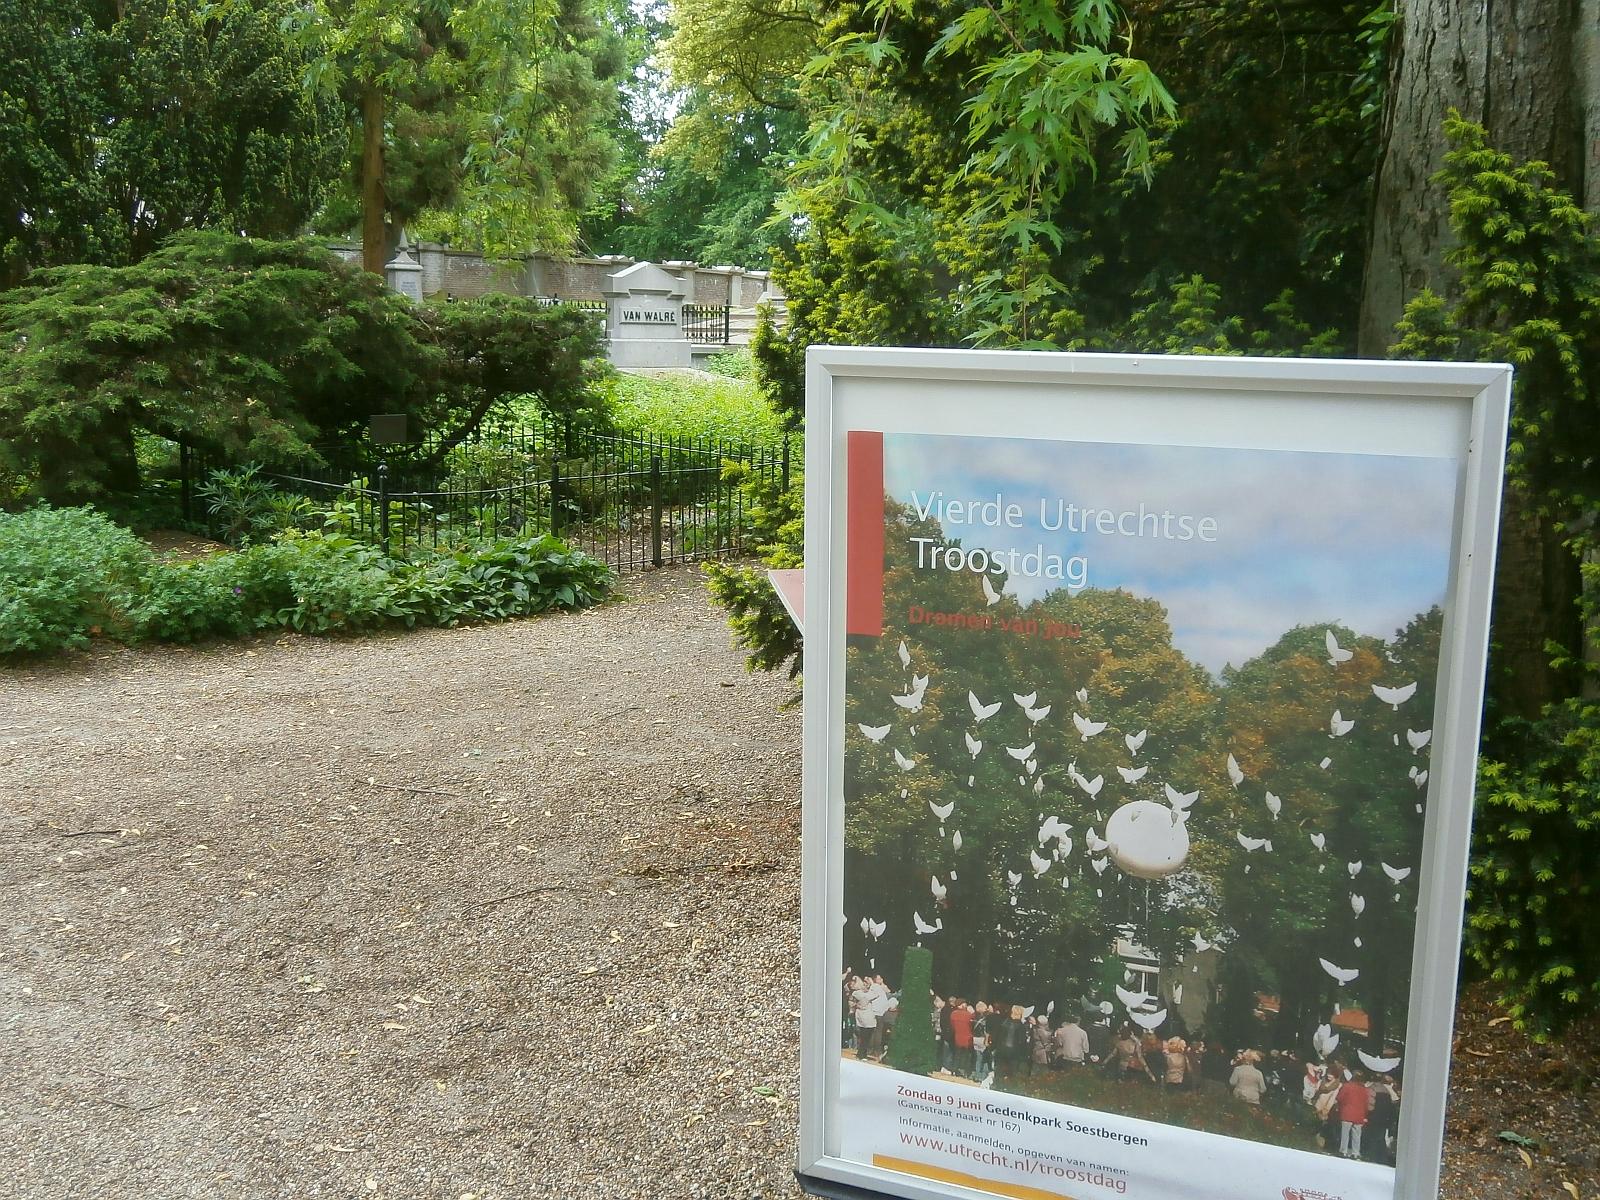 Soestbergen begraafplaats Troostdag